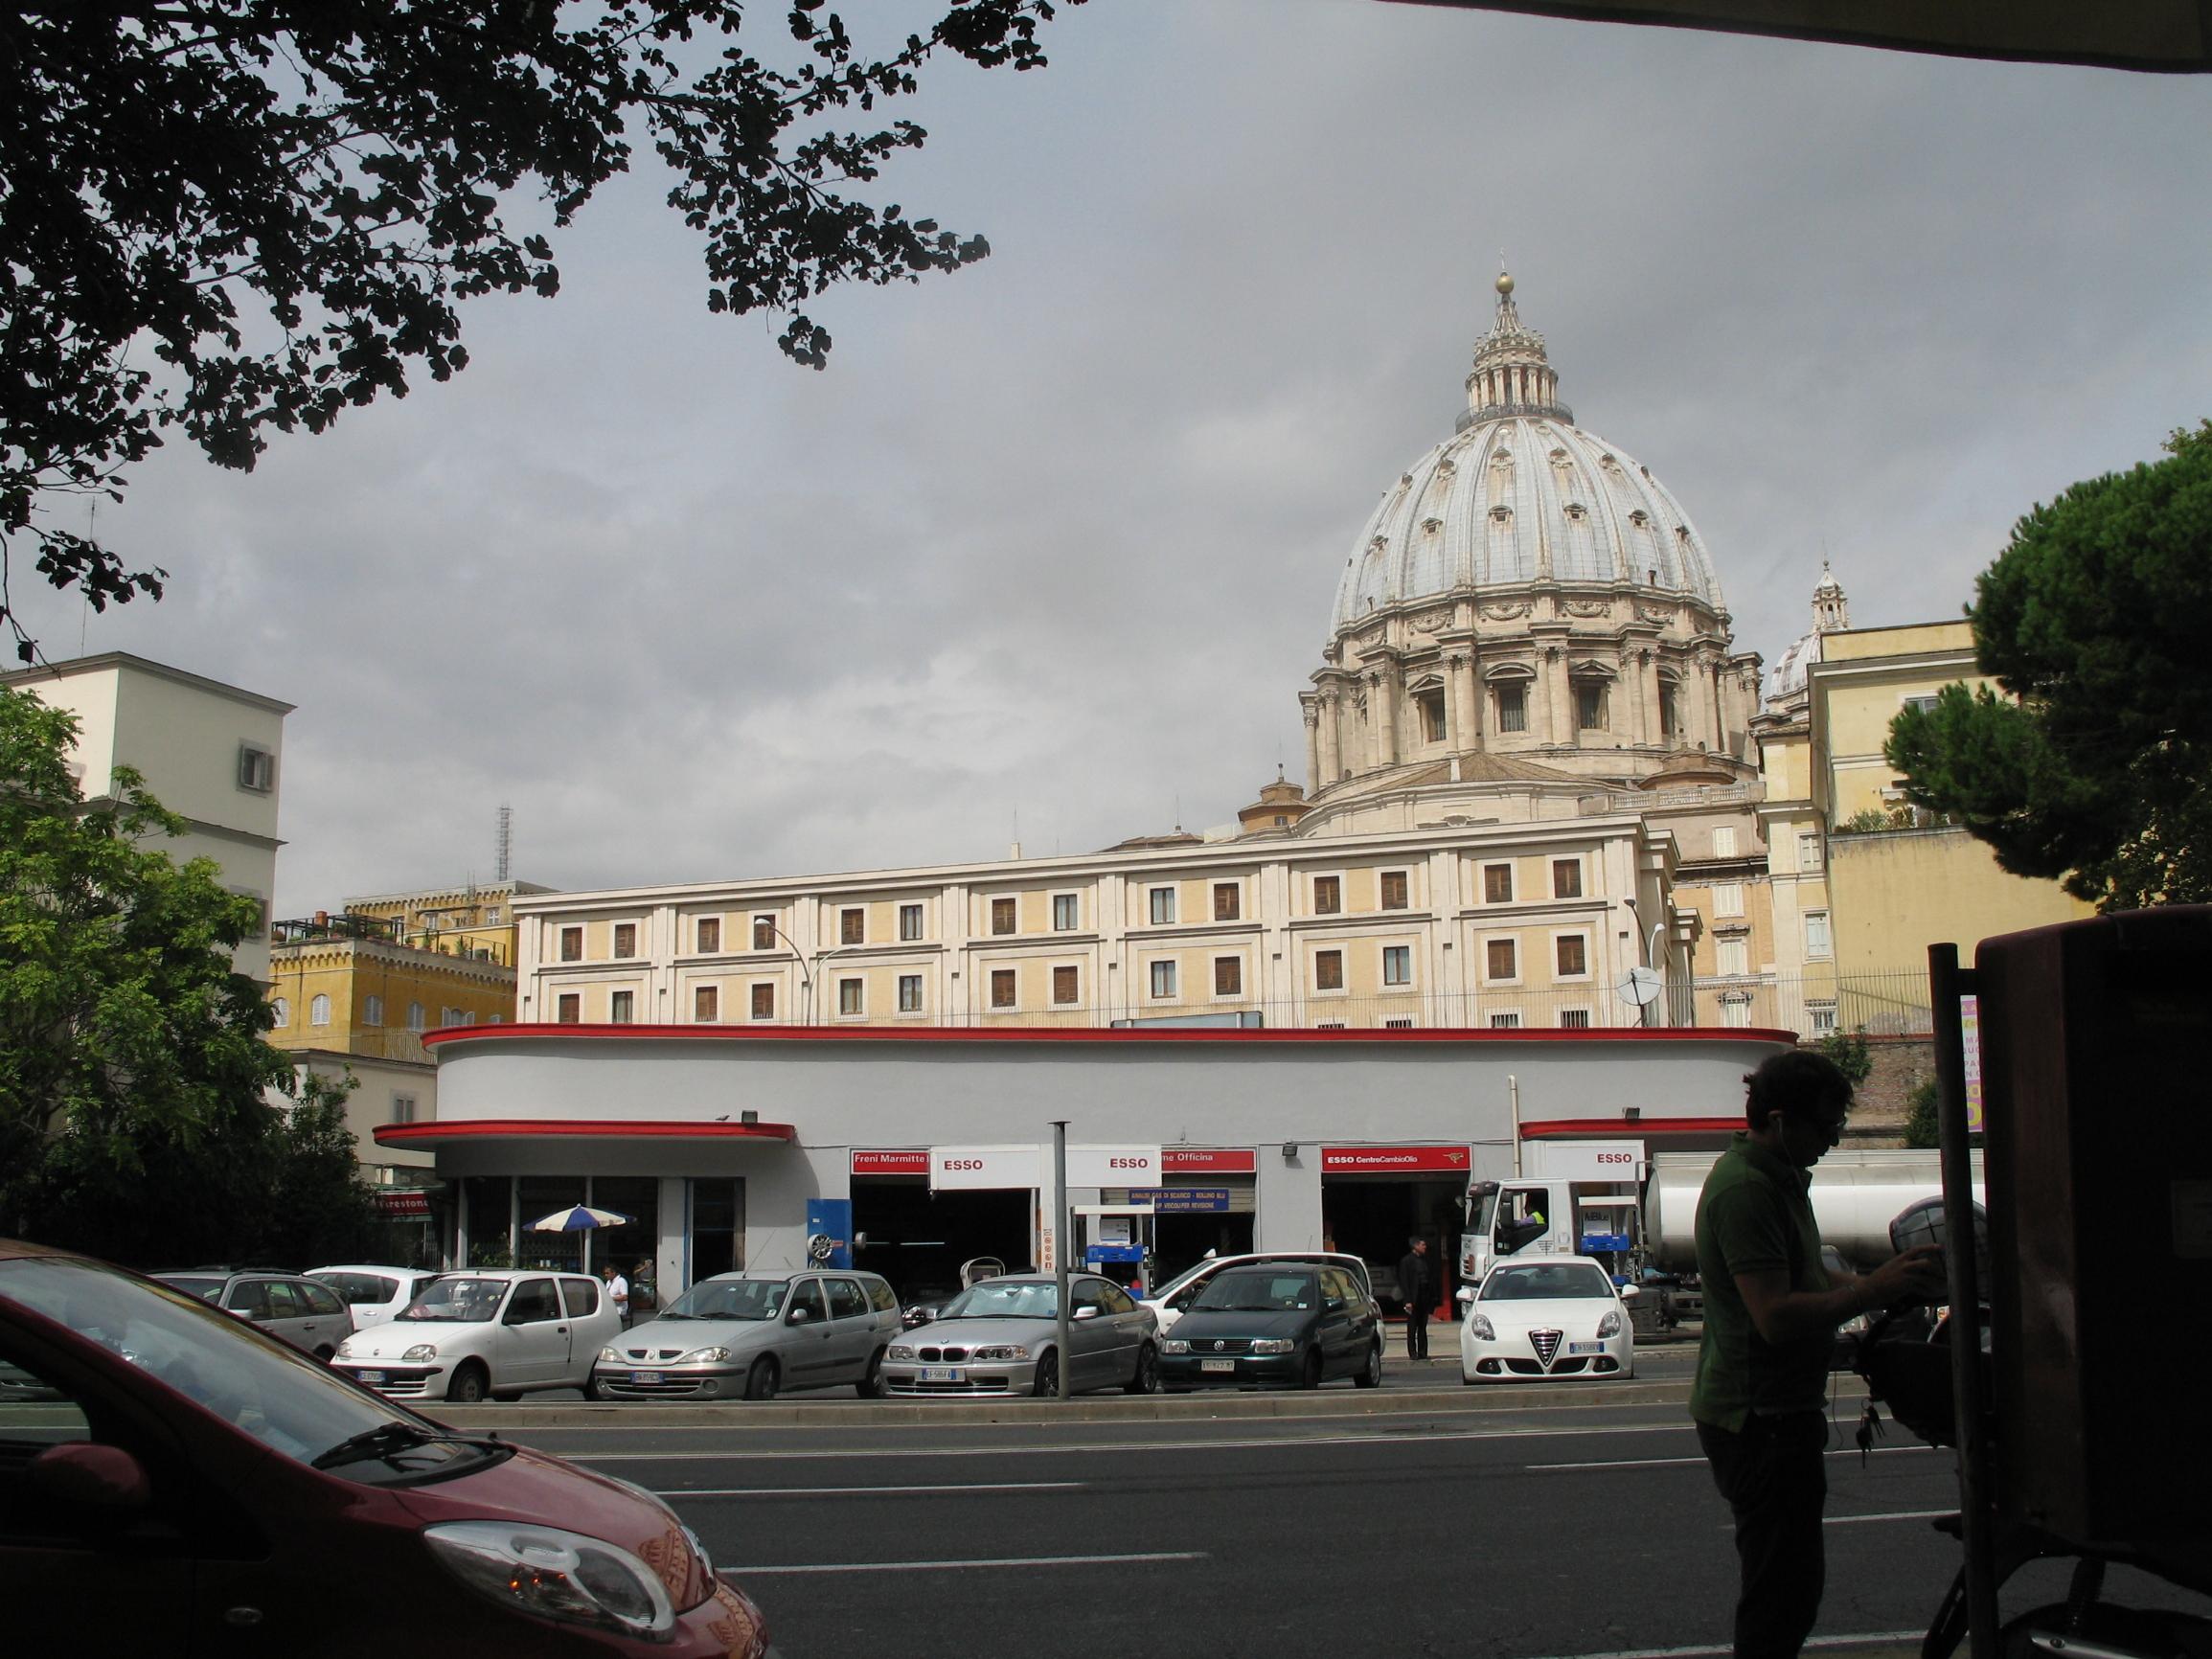 Pogled na Dom sv. Marte u sklopu Vatikanskog grada